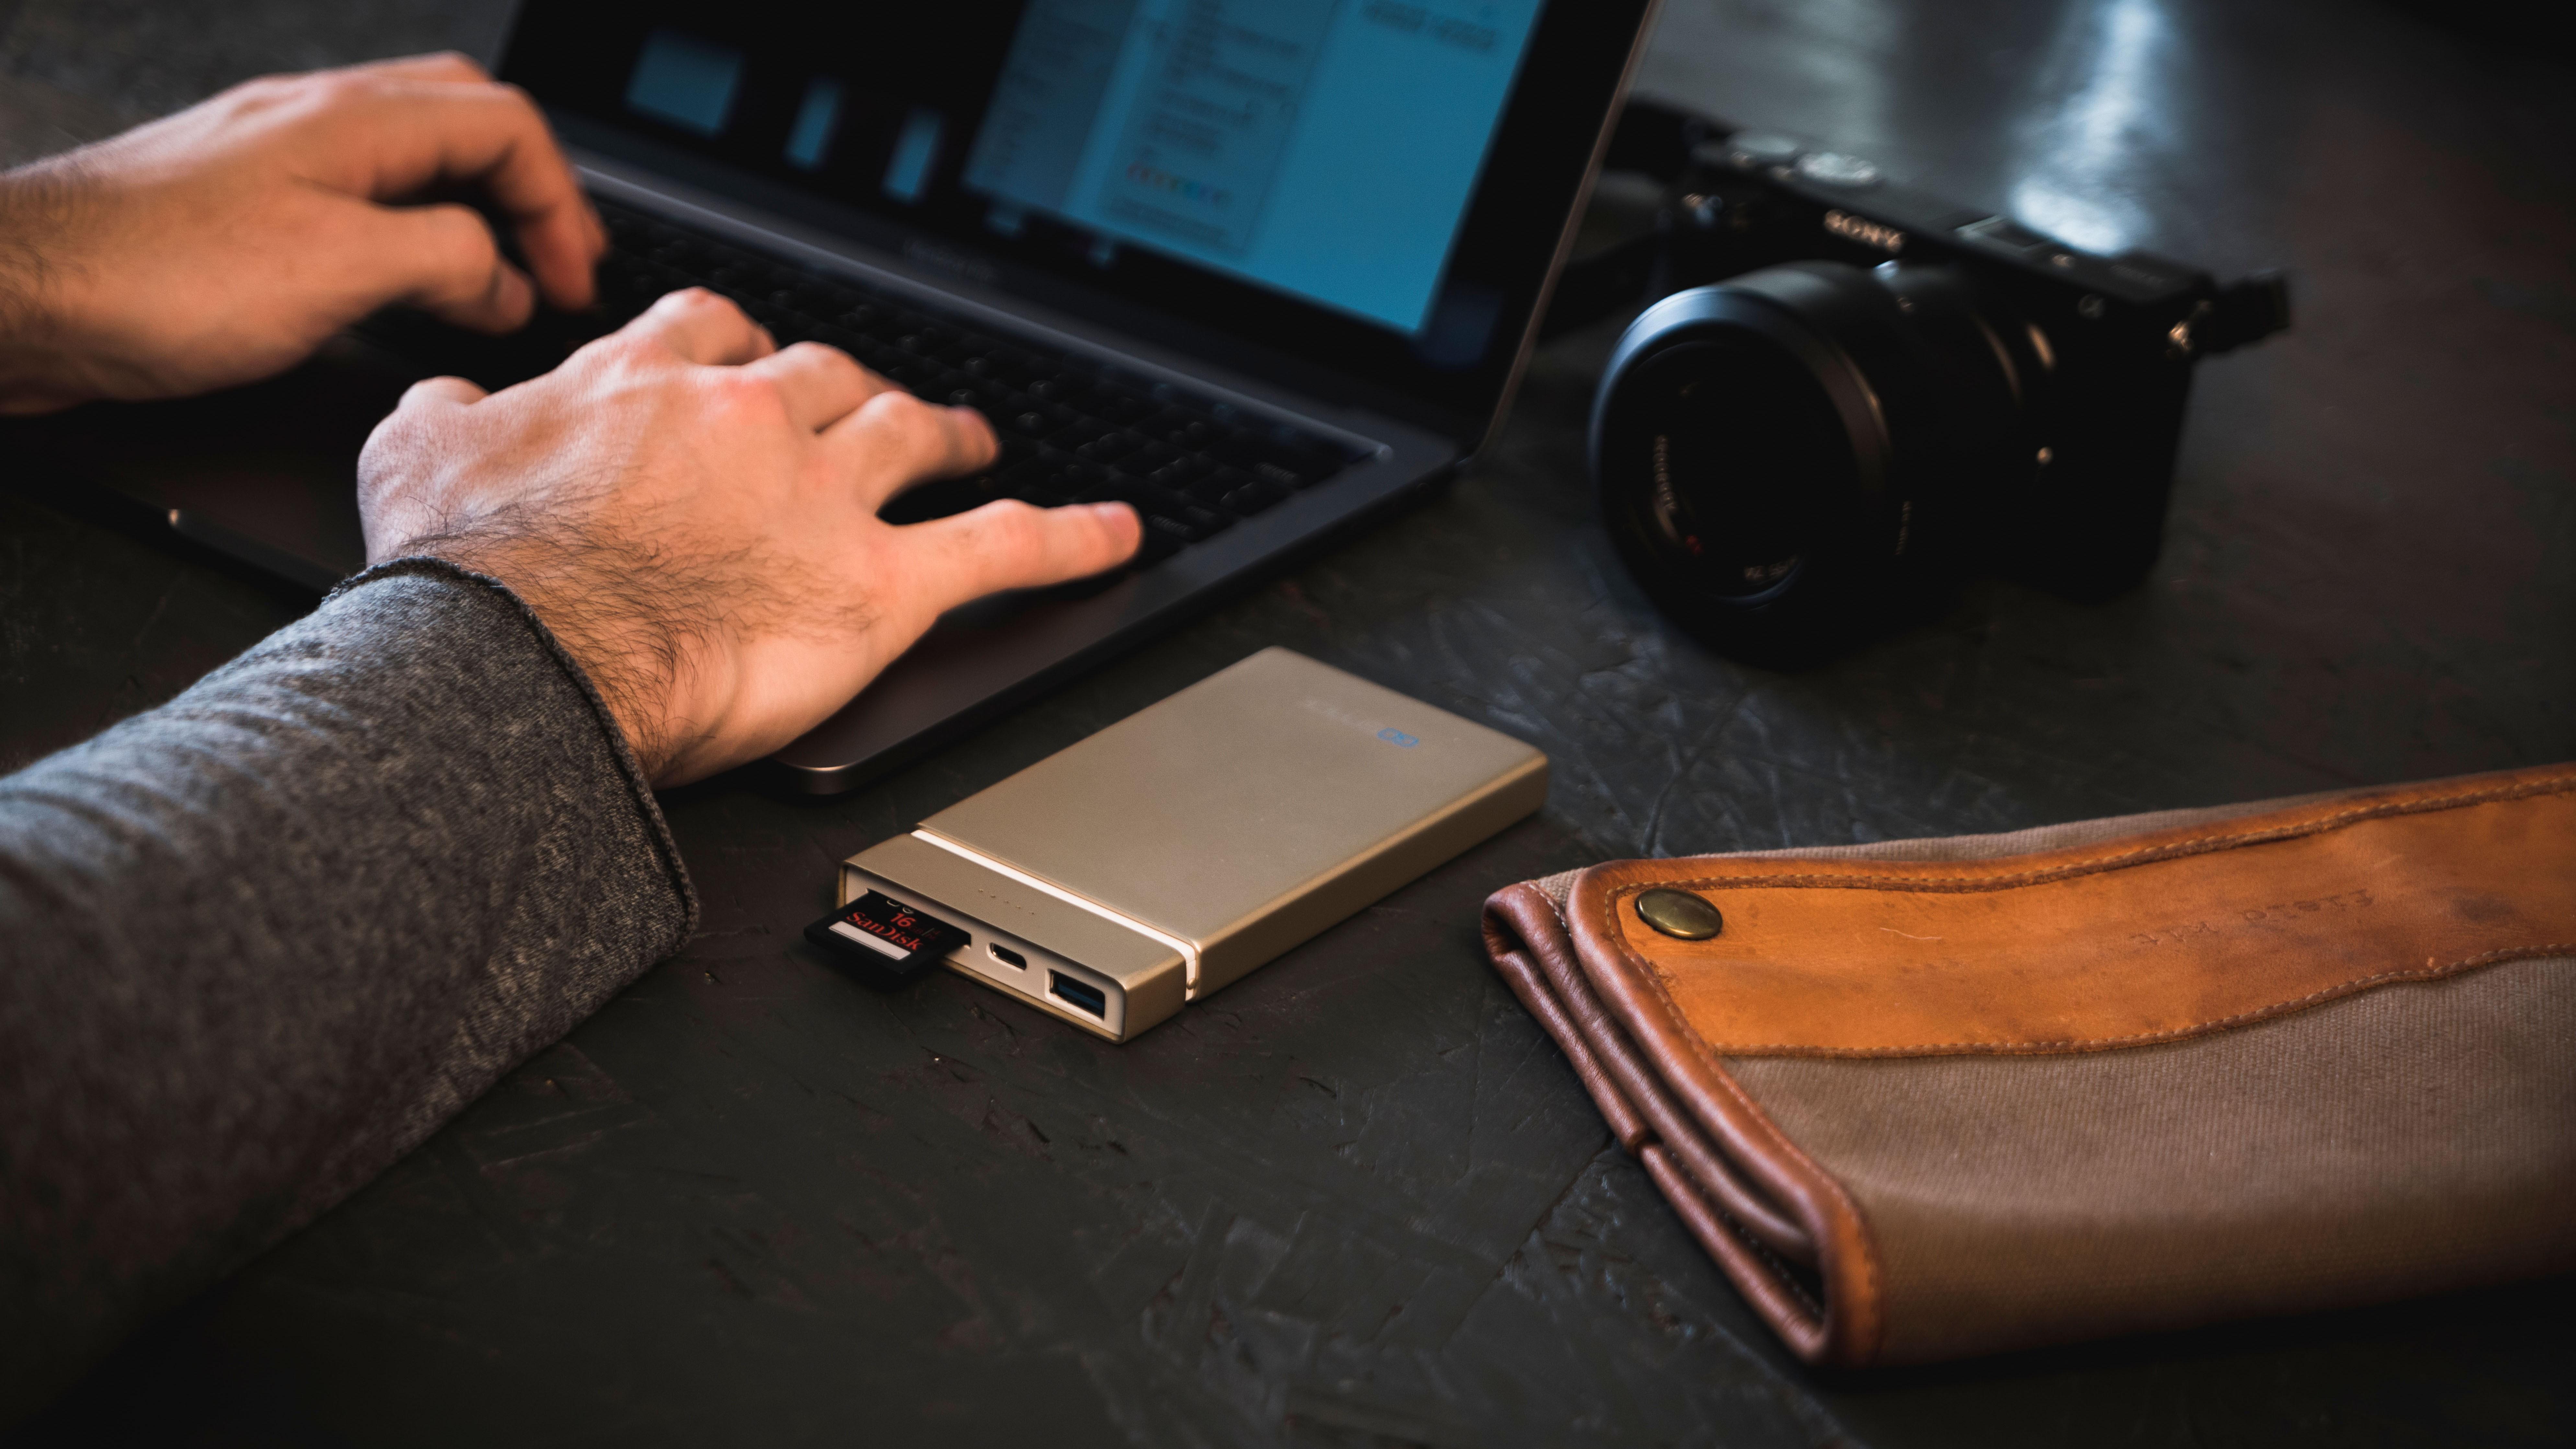 GOSPACE заряжает устройства и читает SD-карты без проводов